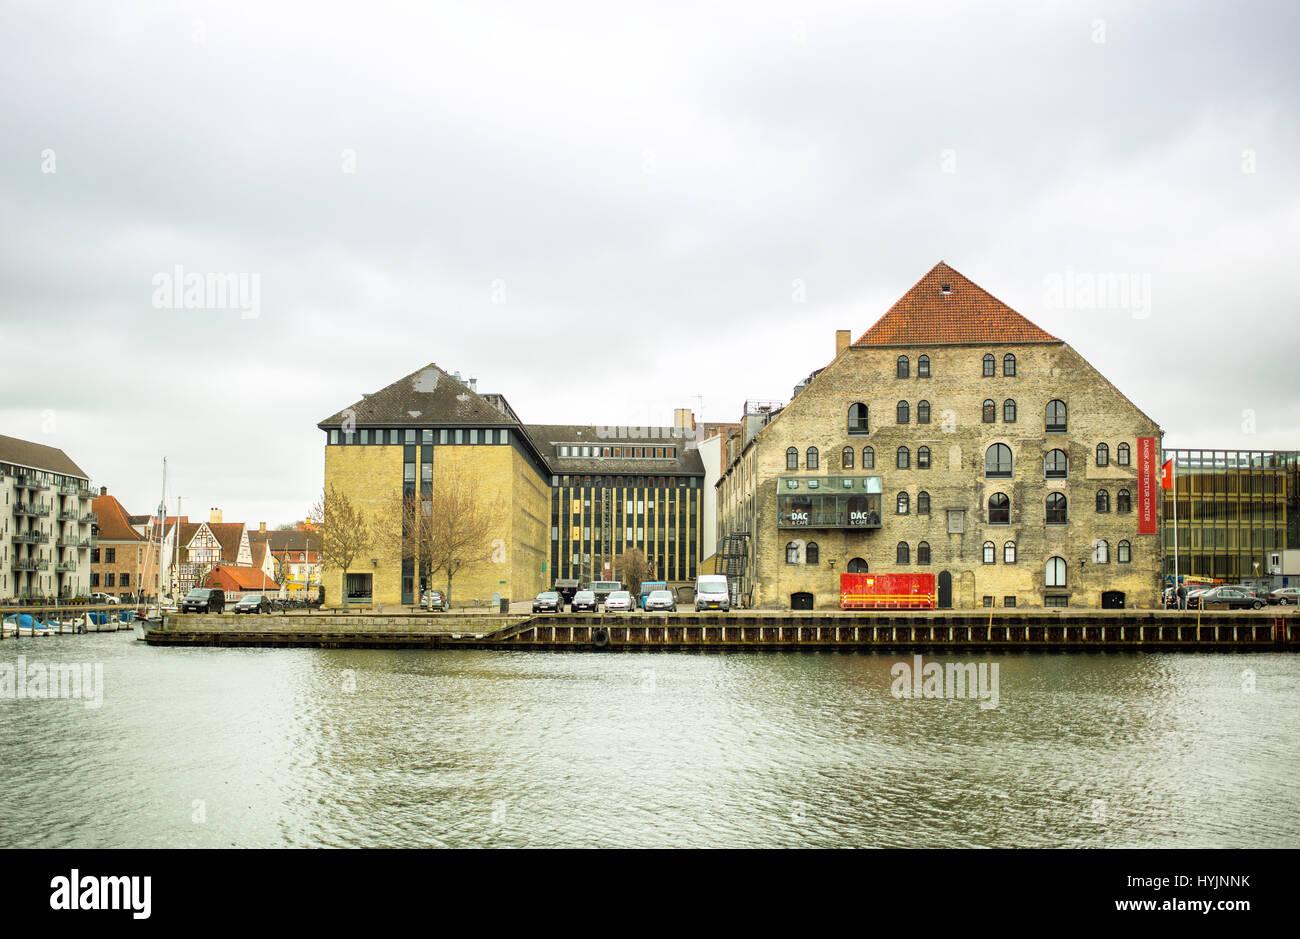 Copenhagen, Denmark - MARCH 29, 2017: Danish Architecture Centre, the main exhibition space in Denmark for architecture. - Stock Image